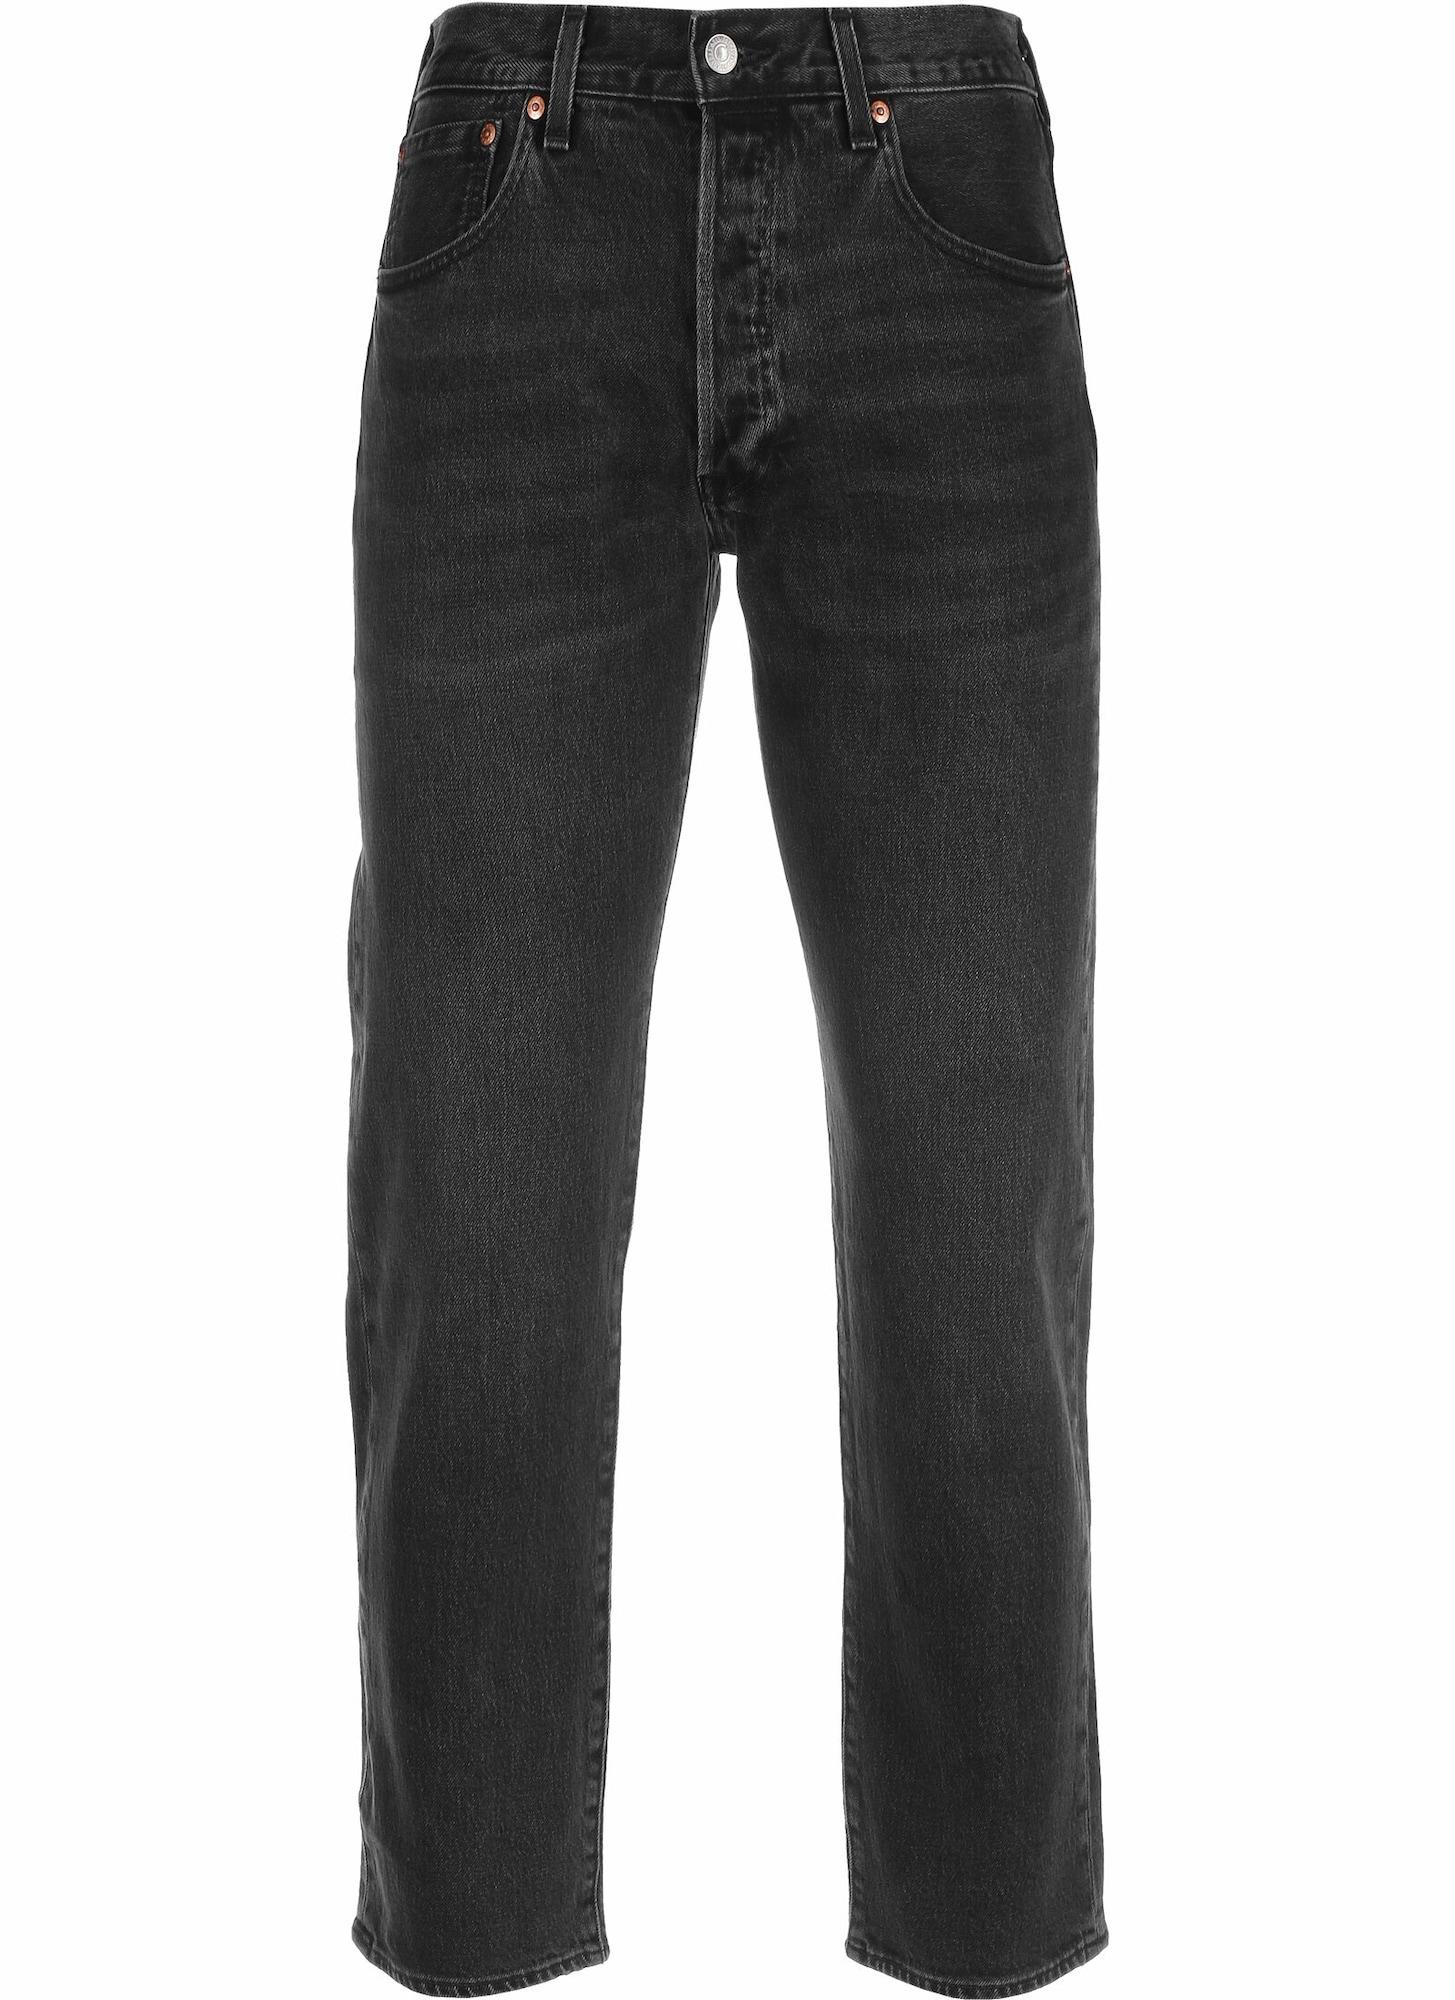 LEVI'S Džíny '501 93 Crop'  černá